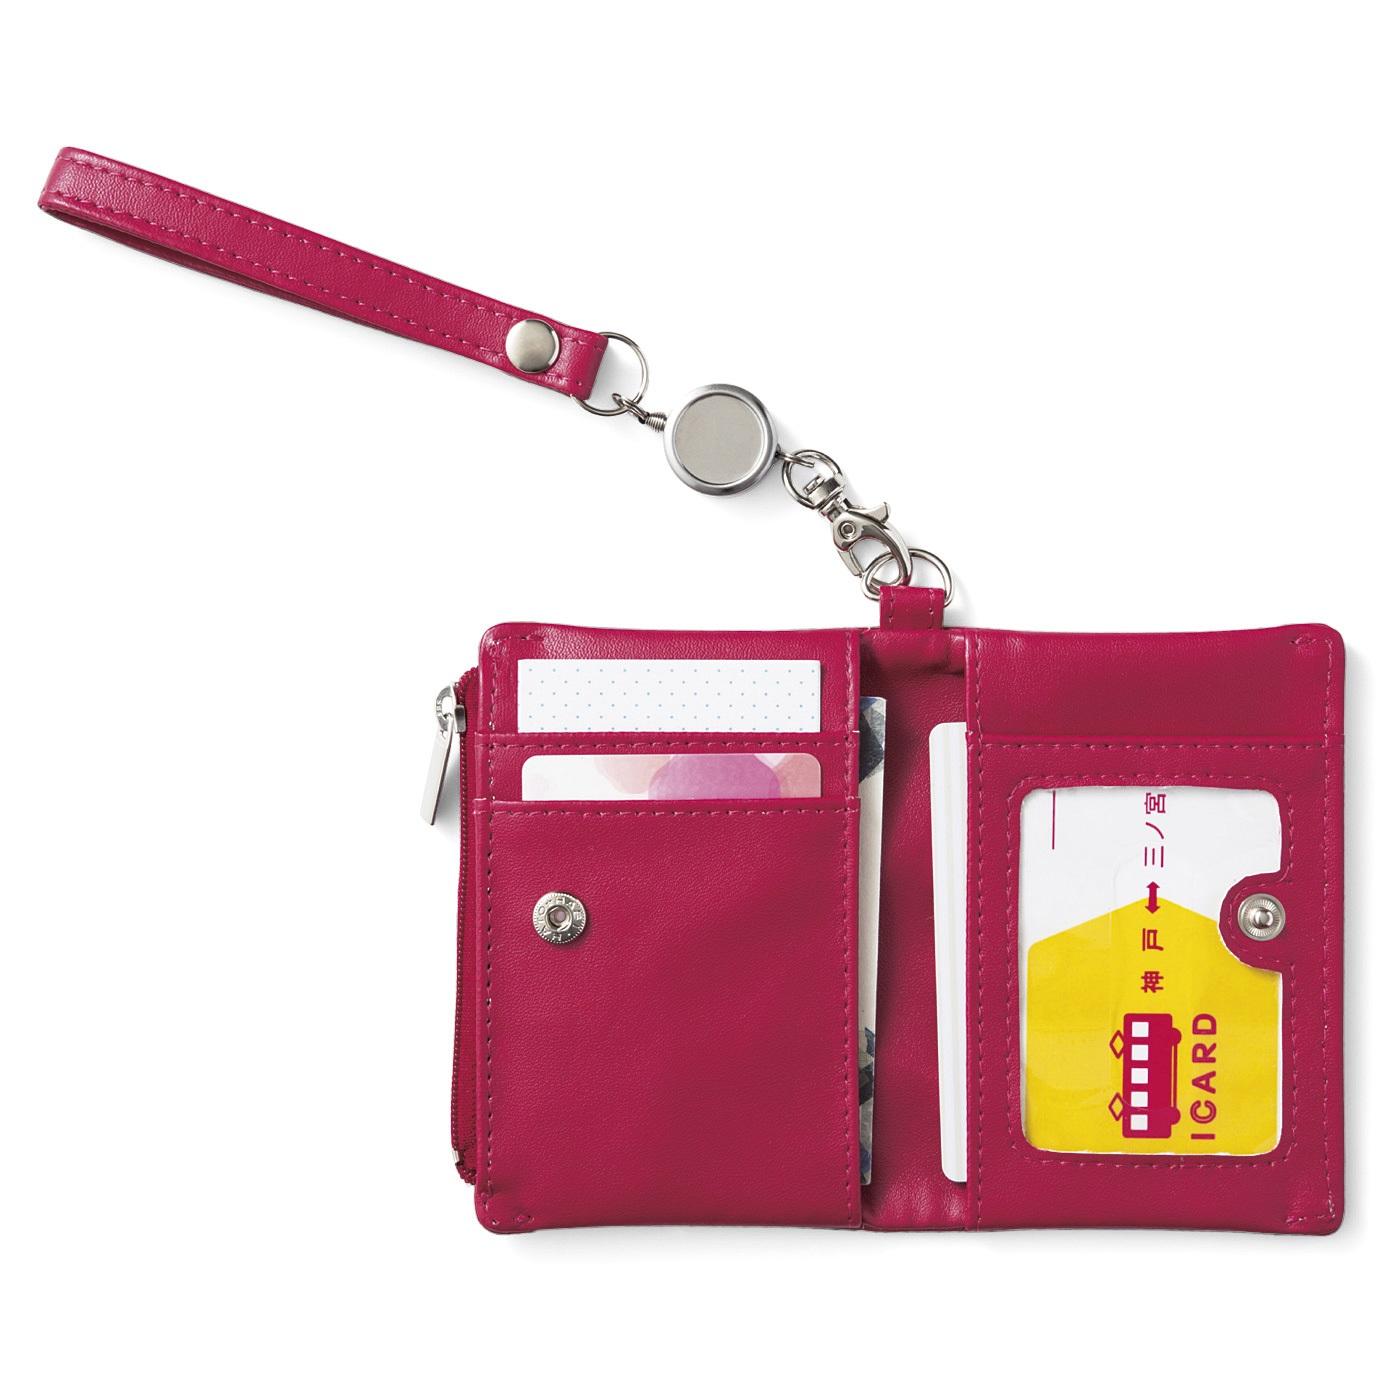 〈中面〉ICカードが2種類ある場合は、左右のポケットに分けてイン。改札を通るときはポーチを開いて必要なカード側をかざせばOK。